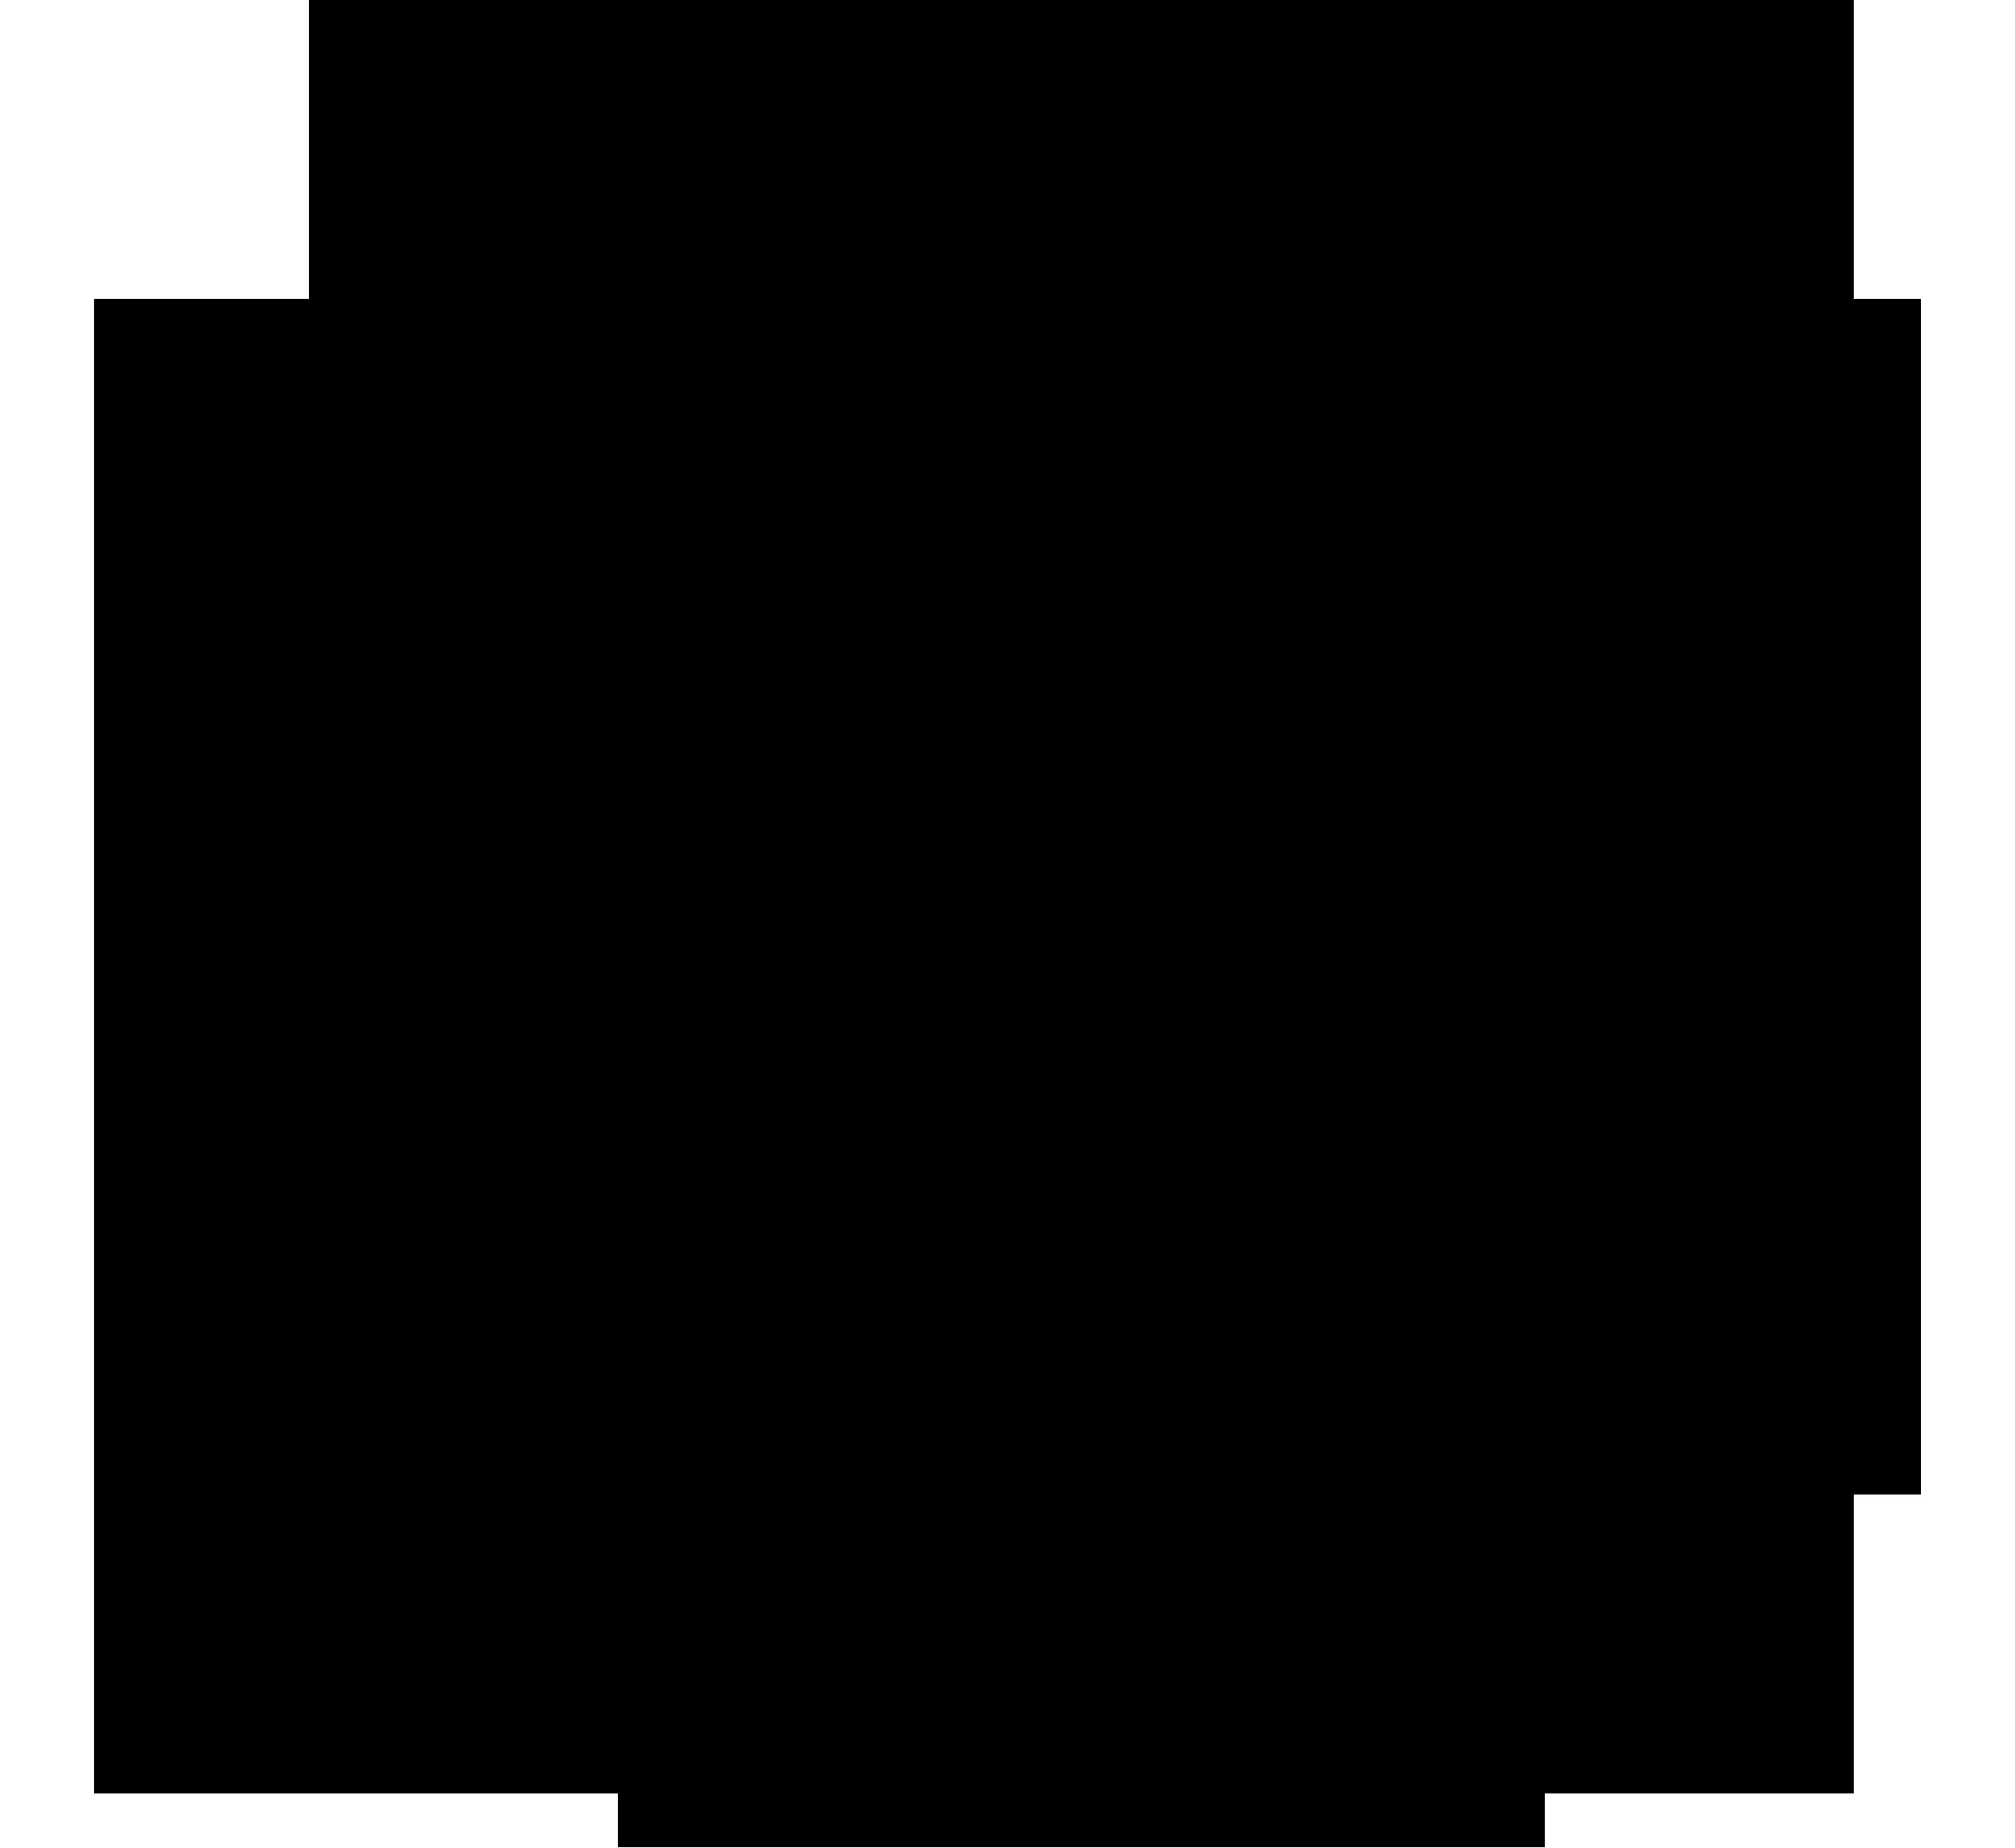 Toronto Raptors Logo Png Transparent Svg Vector Freebie Supply Toronto Raptors Raptors Raptors Basketball